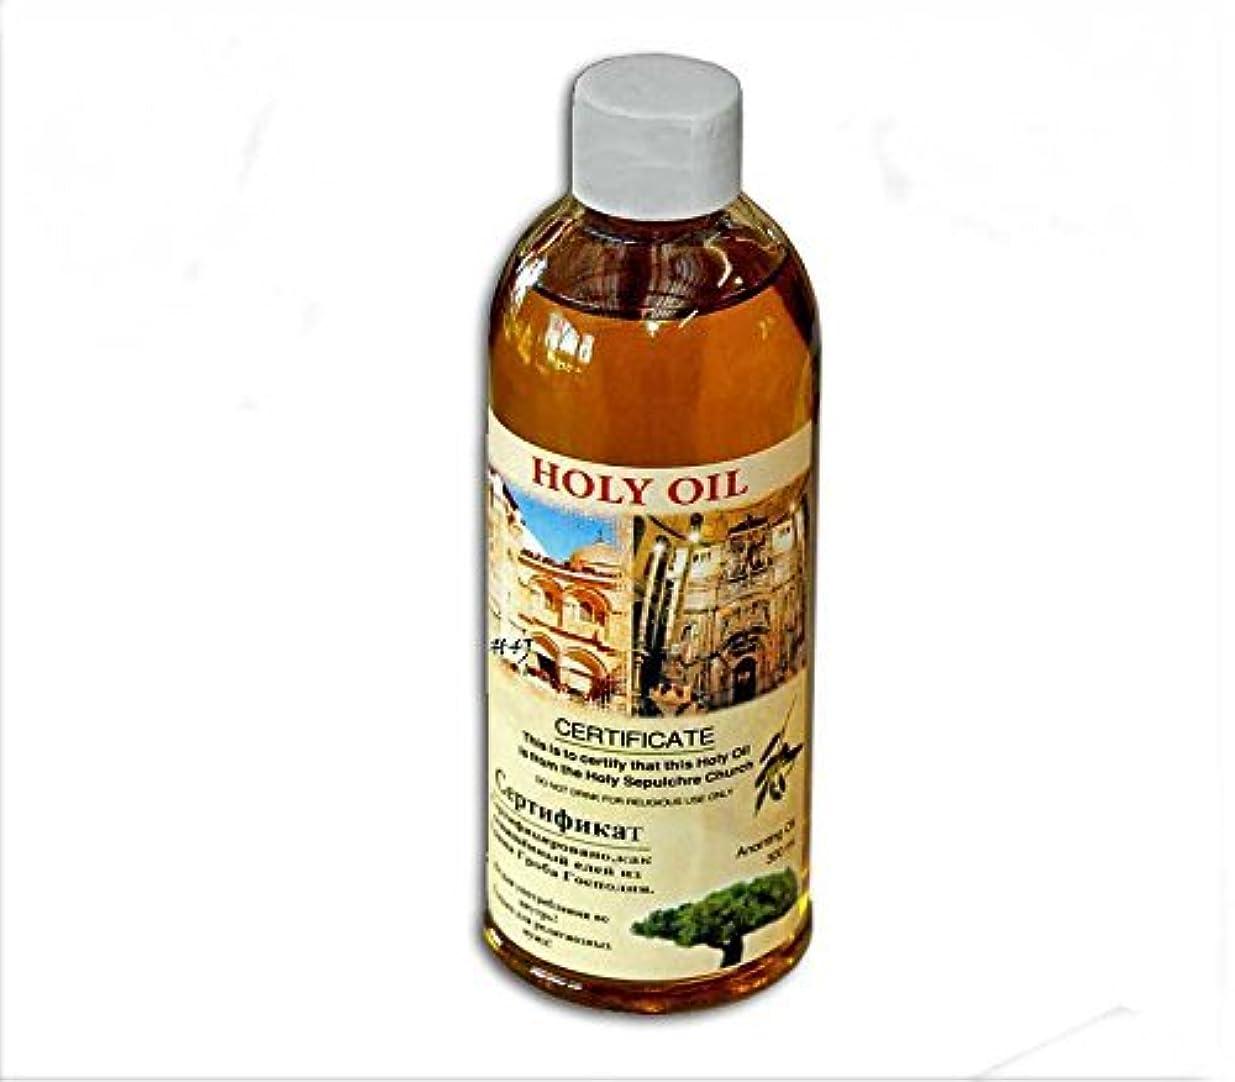 悲鳴本土墓60 ml Holy Land AnointingオイルCertificated Blessed小さなボトルからエルサレムbyベツレヘムギフトTM